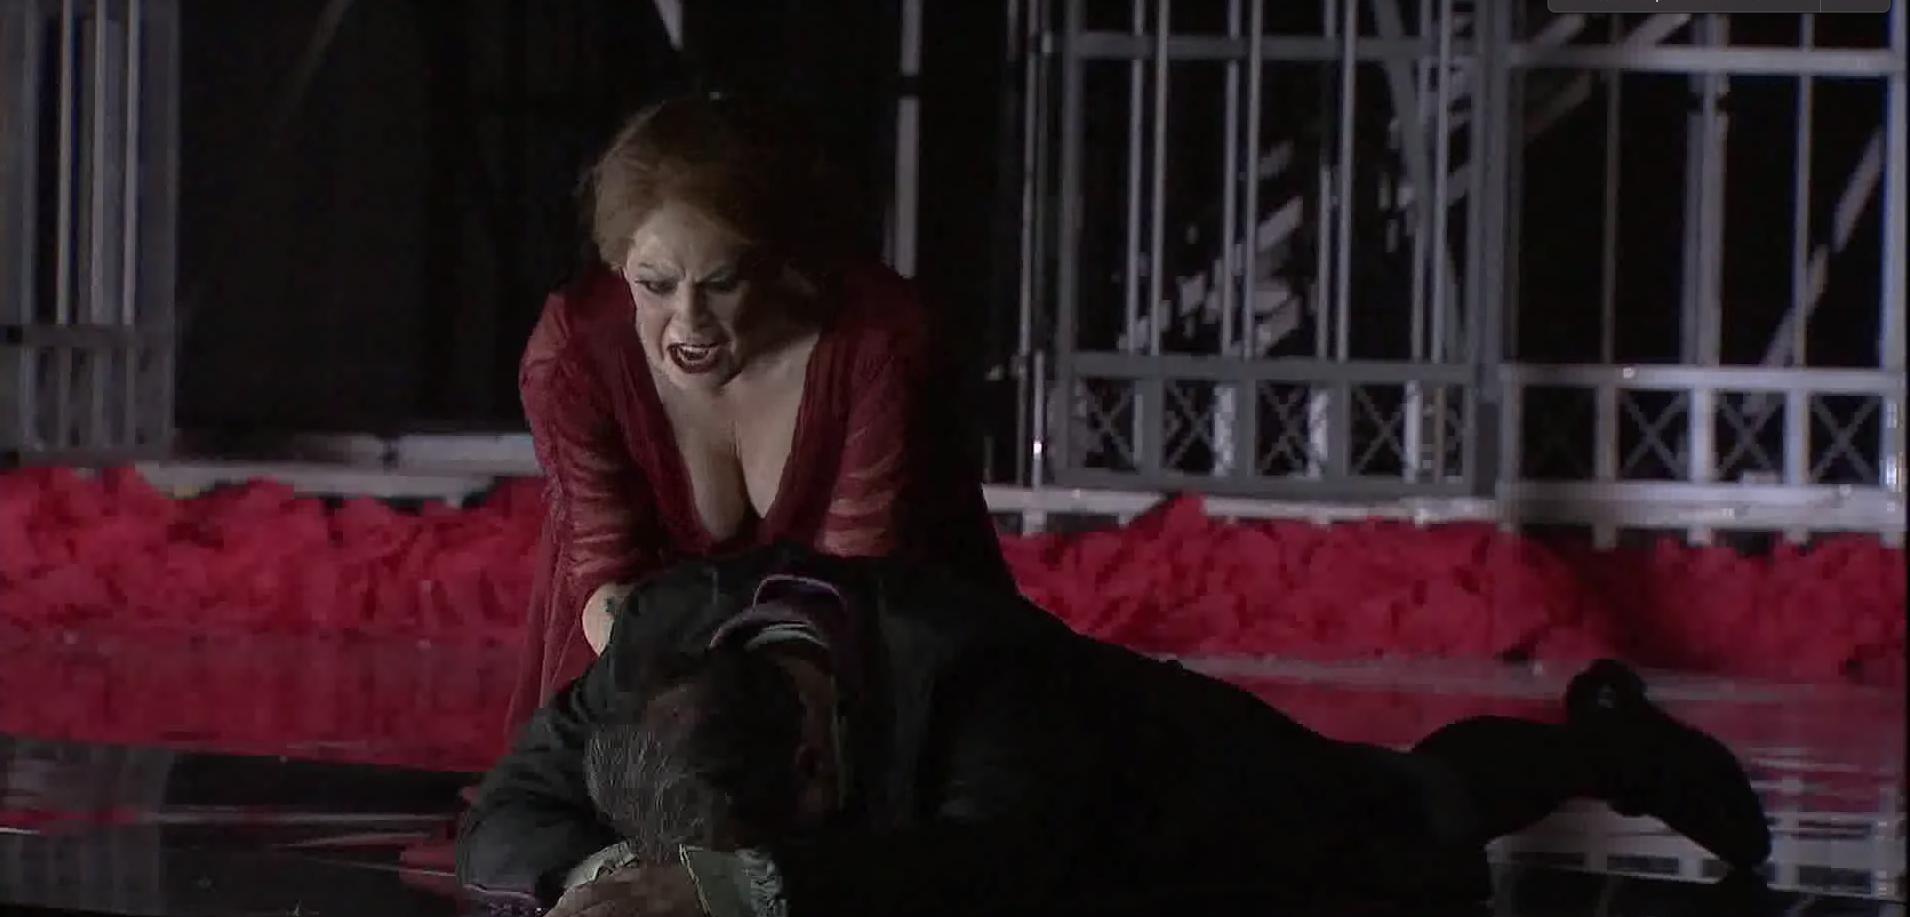 4 de julio de 2021. Sondra Radvanovsky arranca el segundo bis histórico del Teatro Real interpretado por una soprano.